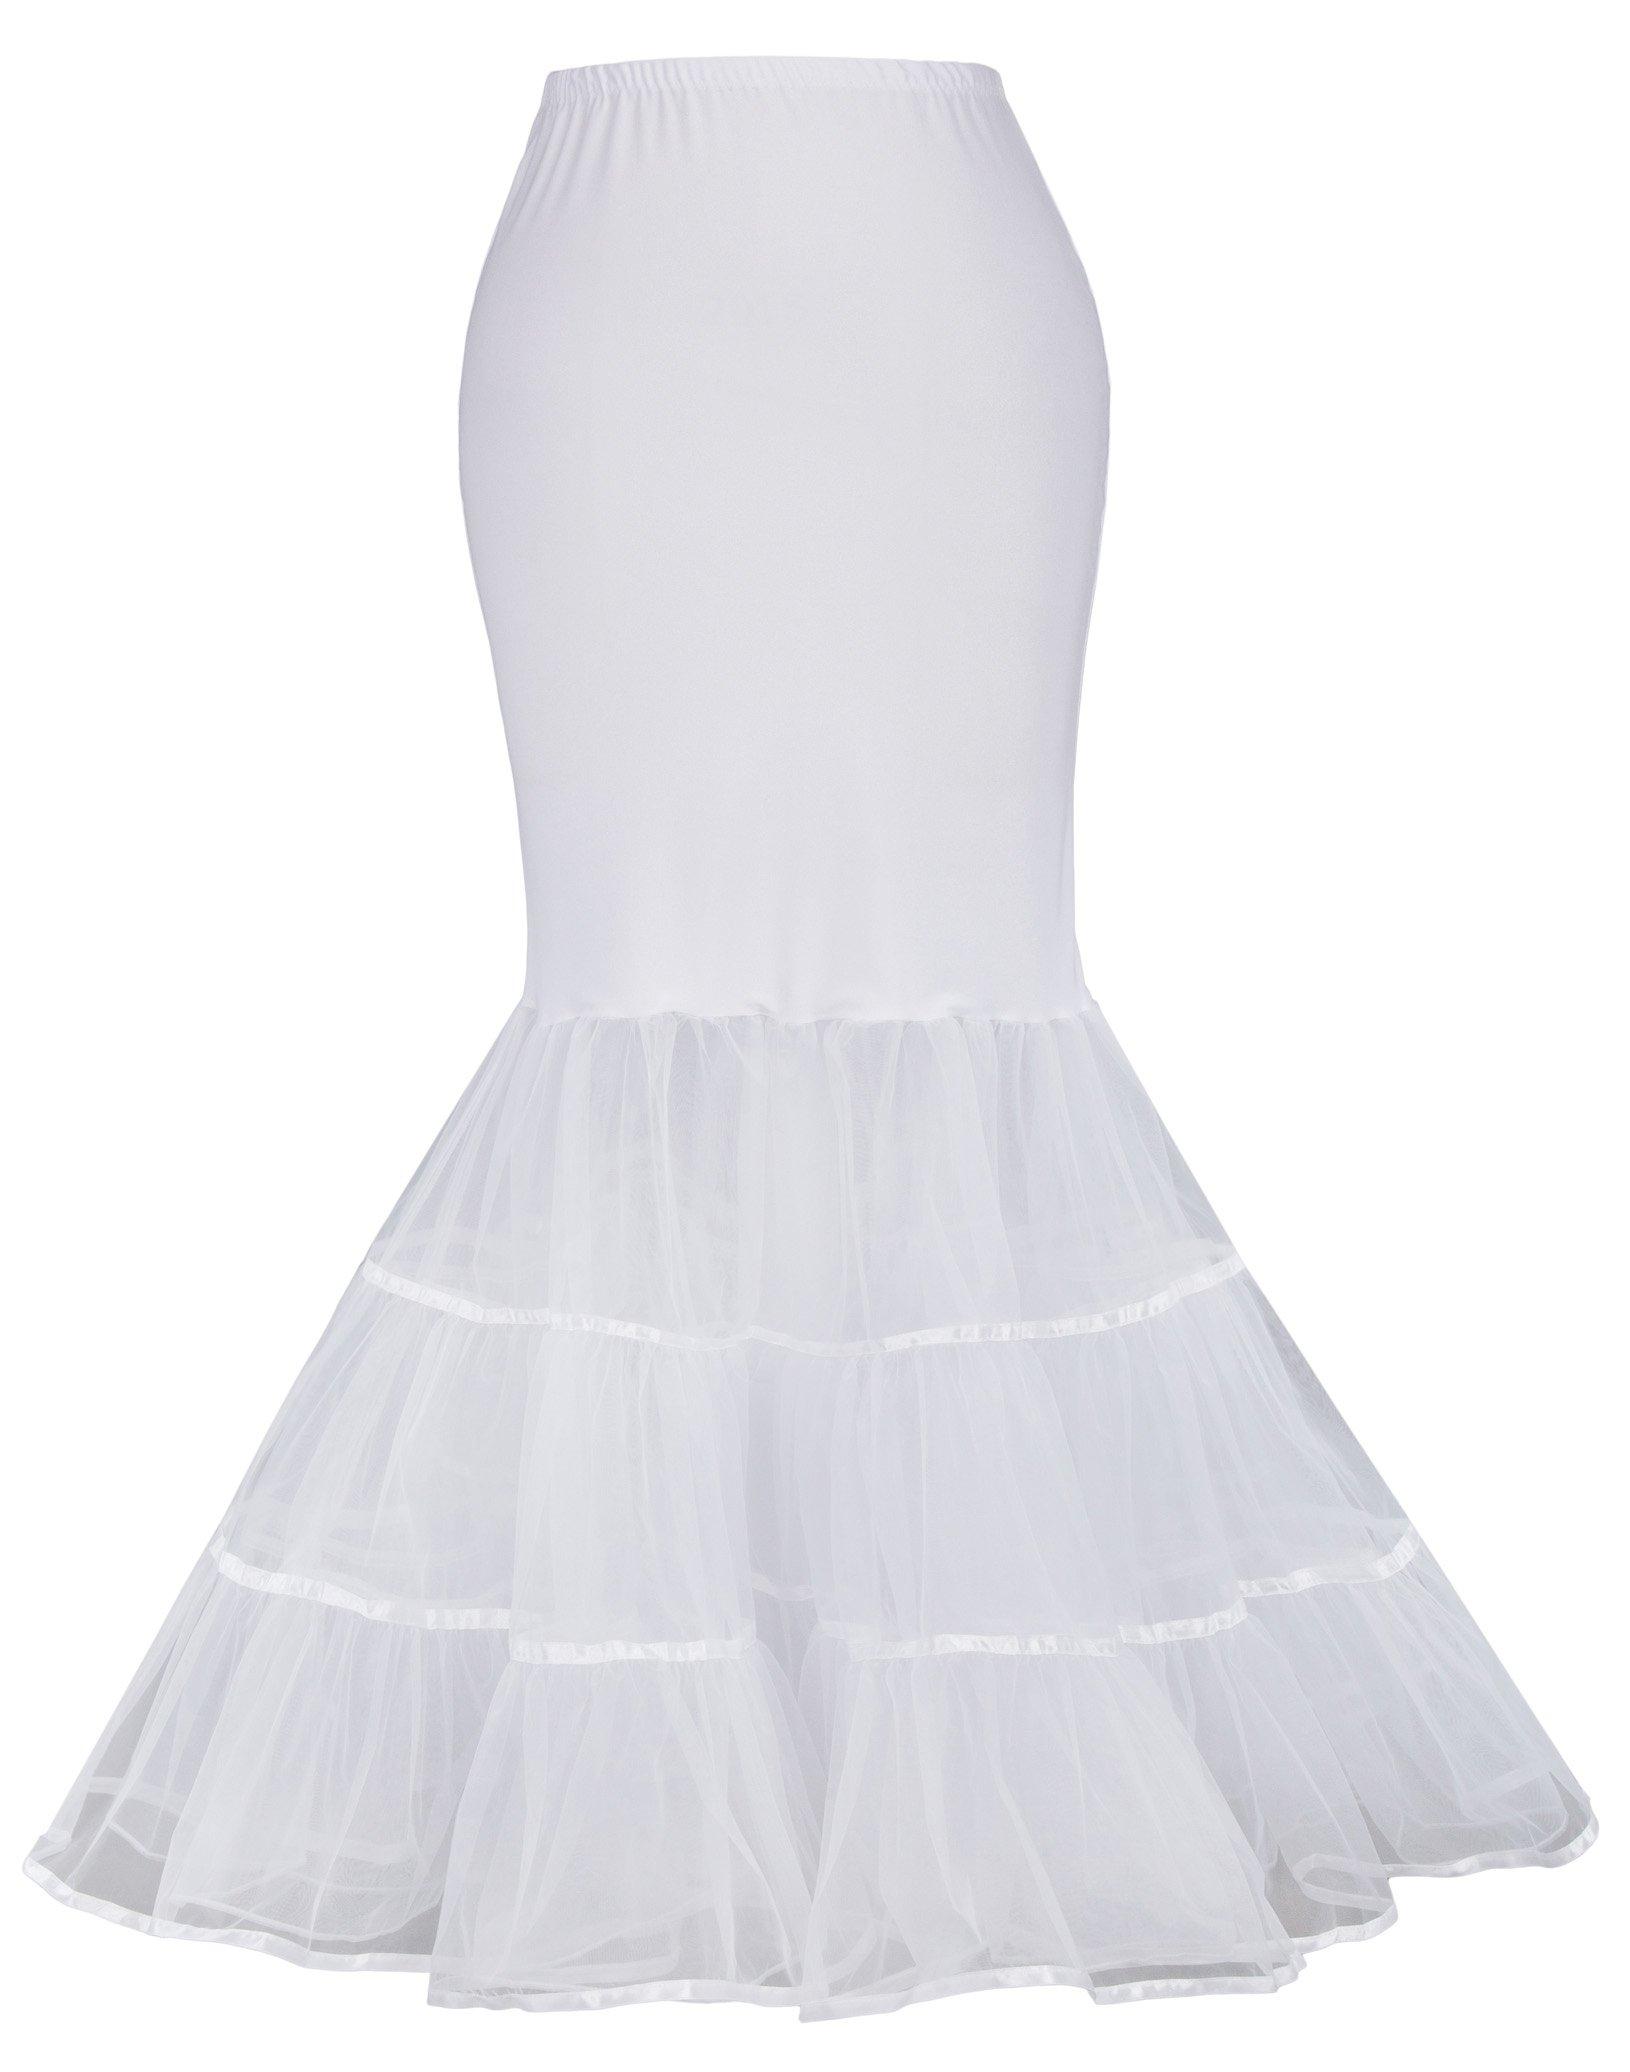 GRACE KARIN Fishtail Prom Dress Petticoat Hopeless for Wedding Dress (S,White 477)